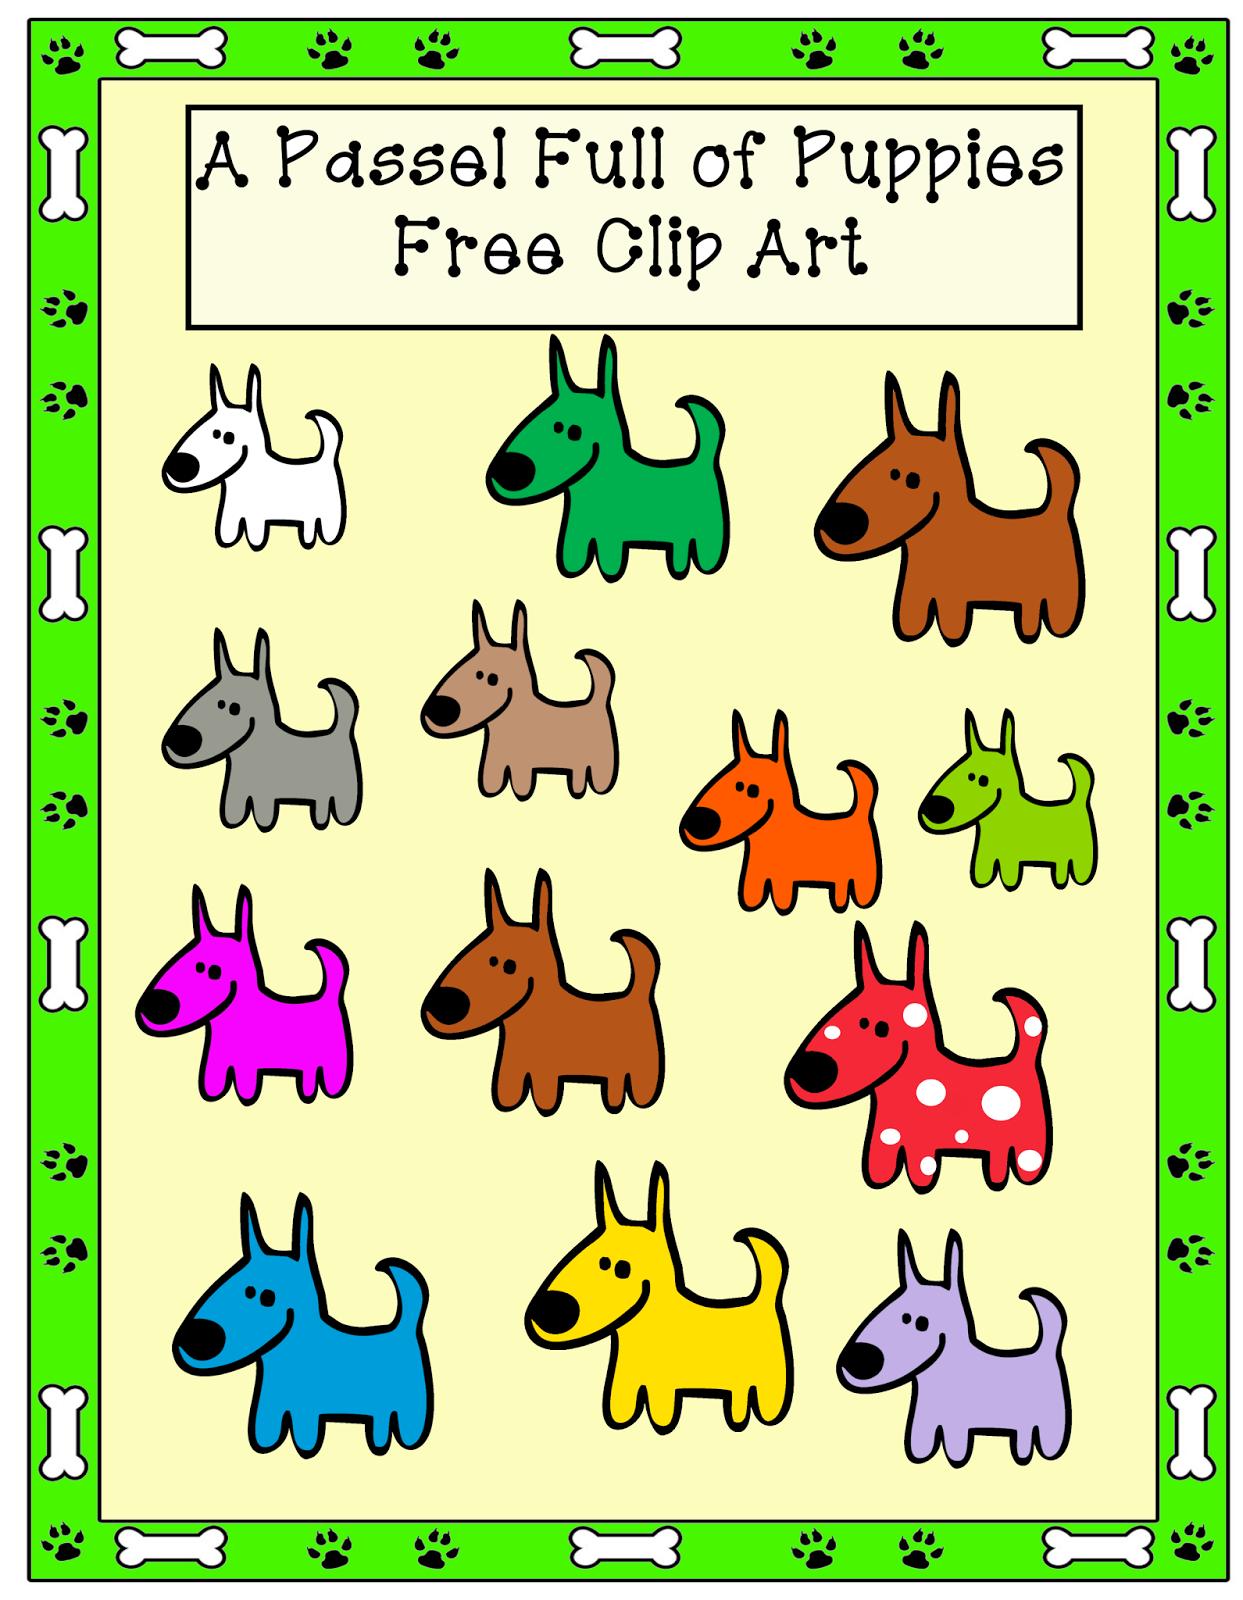 http://grannygoestoschool.blogspot.com/2014/08/passel-full-of-puppies-free-clip-art.html